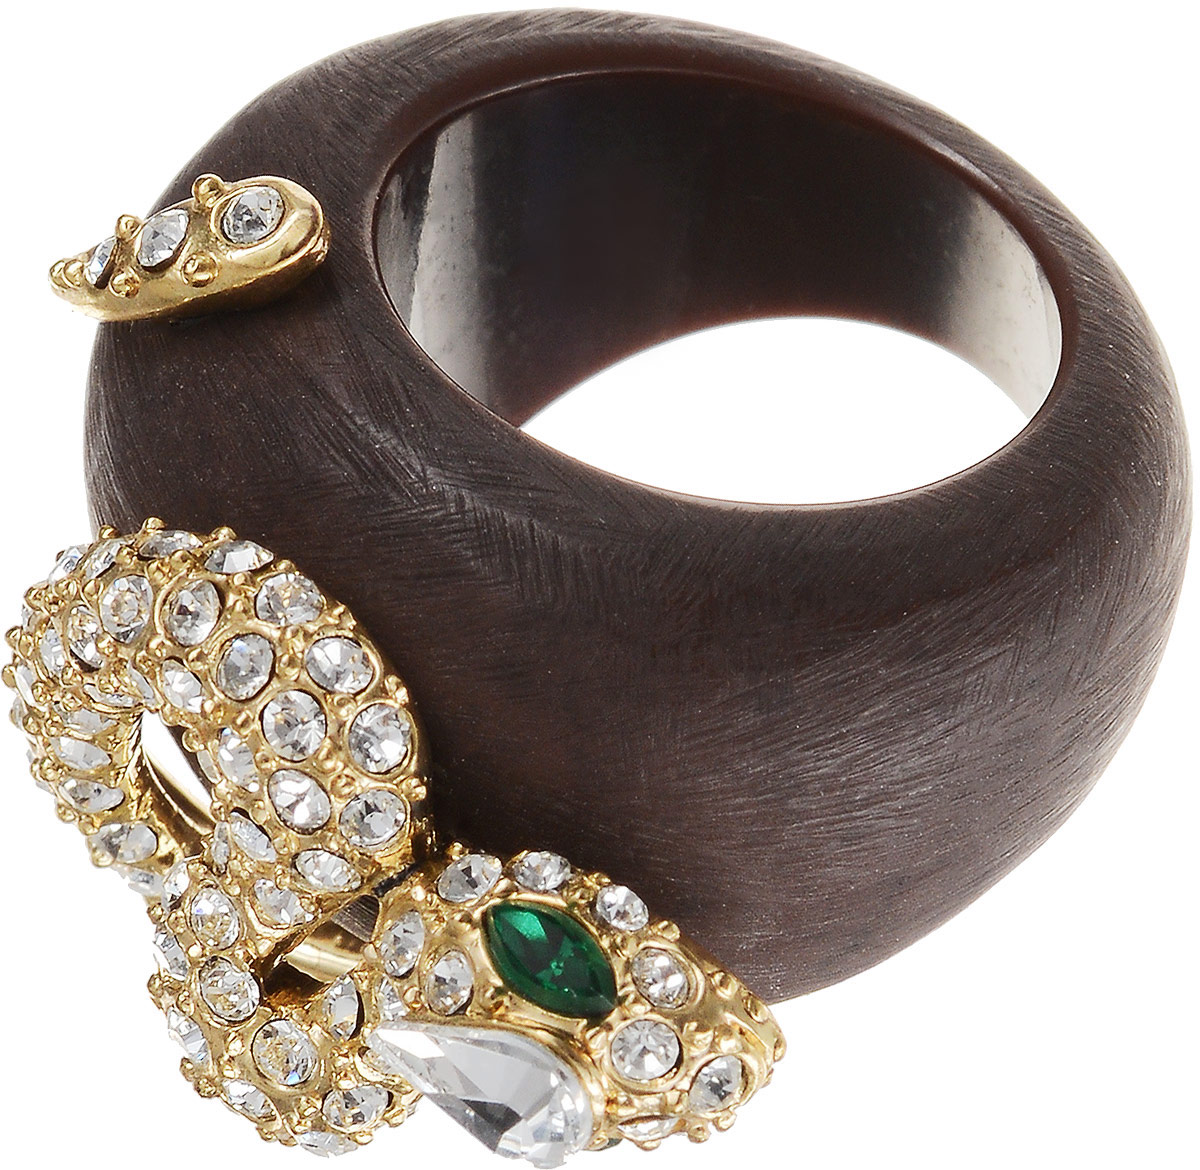 Кольцо Art-Silver, цвет: коричневый. М456-500. Размер 16,5Коктейльное кольцоОригинальное кольцо Art-Silver выполнено из бижутерного сплава с гальваническим покрытием. Кольцо украшено декоративными вставками.Элегантное кольцо Art-Silver превосходно дополнит ваш образ и подчеркнет отменное чувство стиля своей обладательницы.